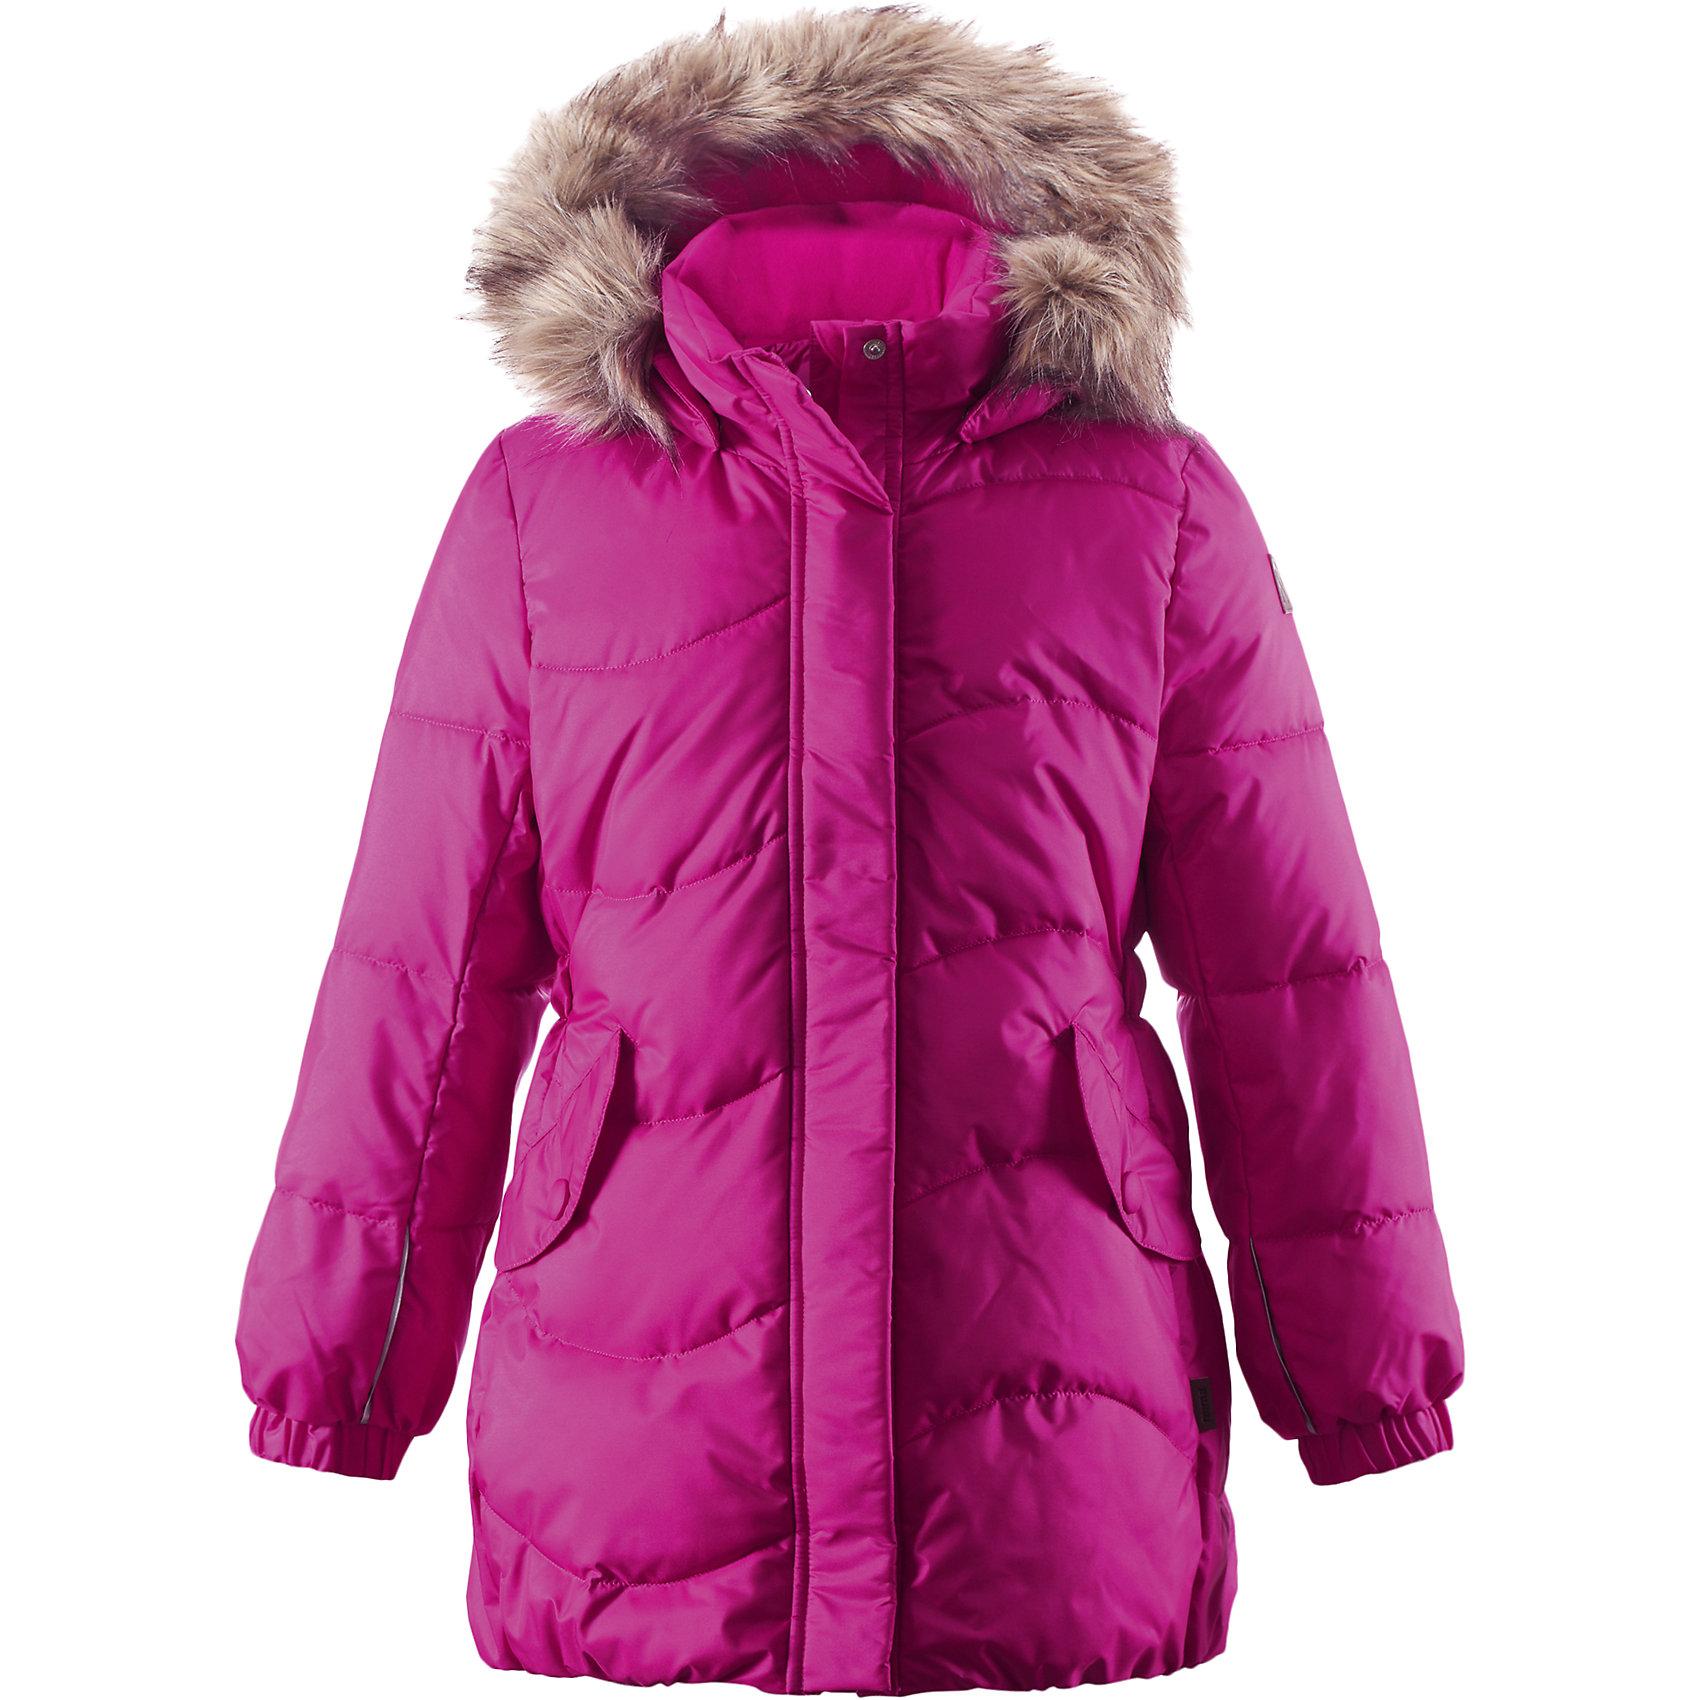 Пальто Sula для девочки ReimaПальто для девочки Reima<br>Зимняя куртка для подростков. Водоотталкивающий, ветронепроницаемый, «дышащий» и грязеотталкивающий материал. Крой для девочек. Гладкая подкладка из полиэстра. Имитация пуха Безопасный съемный капюшон с отсоединяемой меховой каймой из искусственного меха. Эластичные манжеты. Эластичная талия. Два кармана с клапанами. Безопасные светоотражающие элементы. Петля для дополнительных светоотражающих деталей.<br>Уход:<br>Стирать по отдельности, вывернув наизнанку. Перед стиркой отстегните искусственный мех. Застегнуть молнии и липучки. Стирать моющим средством, не содержащим отбеливающие вещества. Полоскать без специального средства. Во избежание изменения цвета изделие необходимо вынуть из стиральной машинки незамедлительно после окончания программы стирки. Сушить при низкой температуре.<br>Состав:<br>65% Полиамид, 35% Полиэстер, полиуретановое покрытие<br><br>Ширина мм: 356<br>Глубина мм: 10<br>Высота мм: 245<br>Вес г: 519<br>Цвет: розовый<br>Возраст от месяцев: 48<br>Возраст до месяцев: 60<br>Пол: Женский<br>Возраст: Детский<br>Размер: 110,152,158,146,134,128,164,116,140,104,122<br>SKU: 4778279